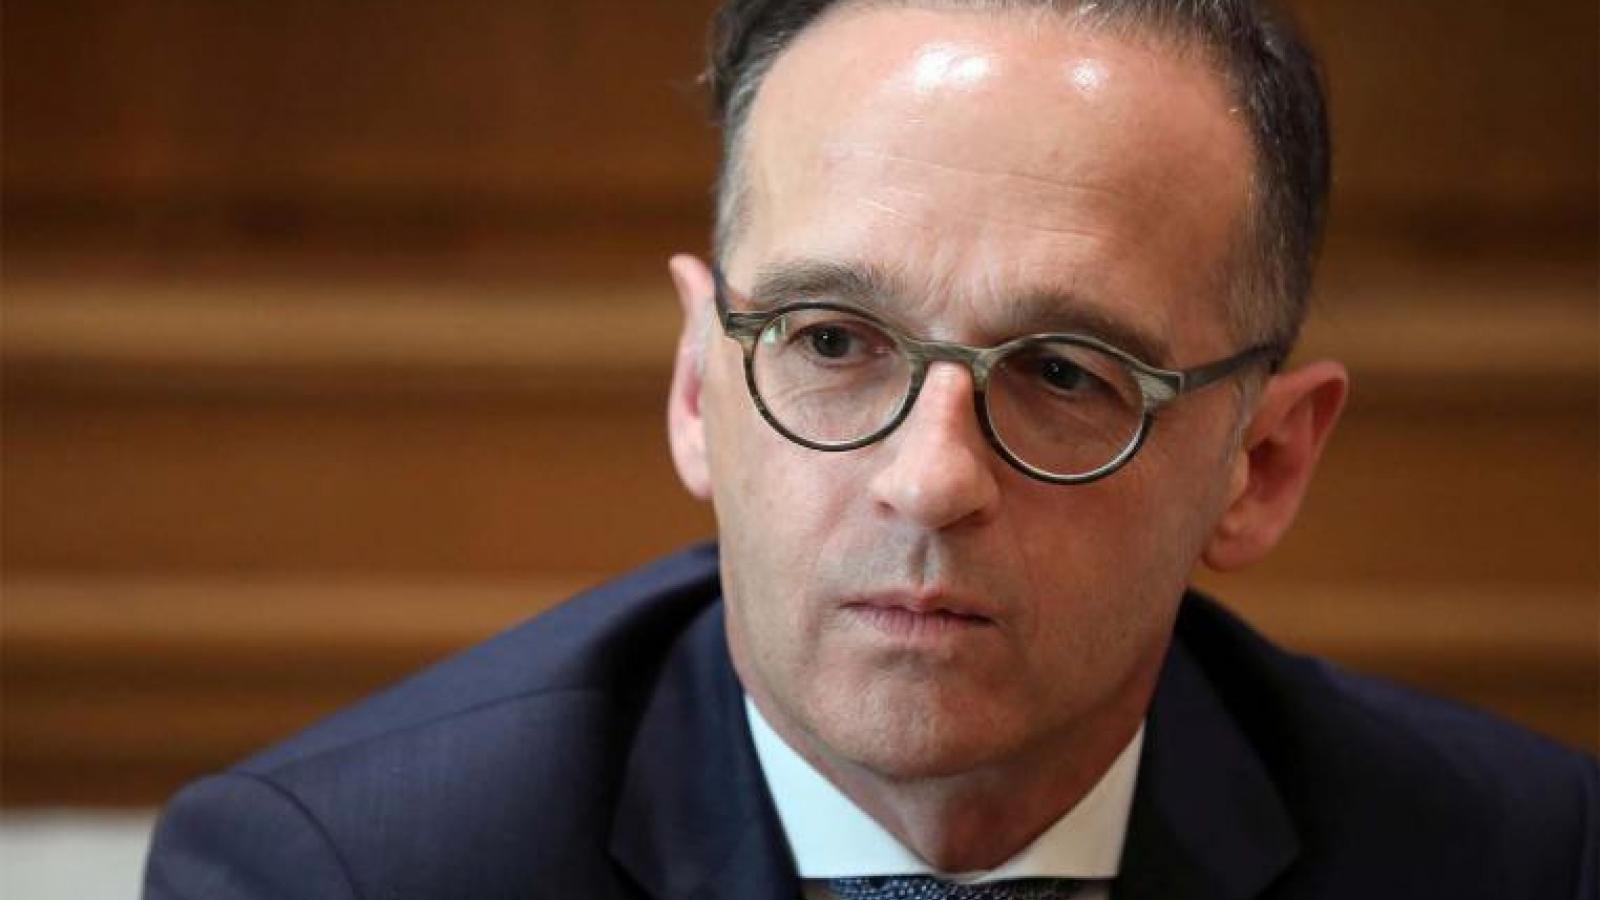 Đức sẽ ngừng xuất khẩu các mặt hàng quân sự sang Hong Kong